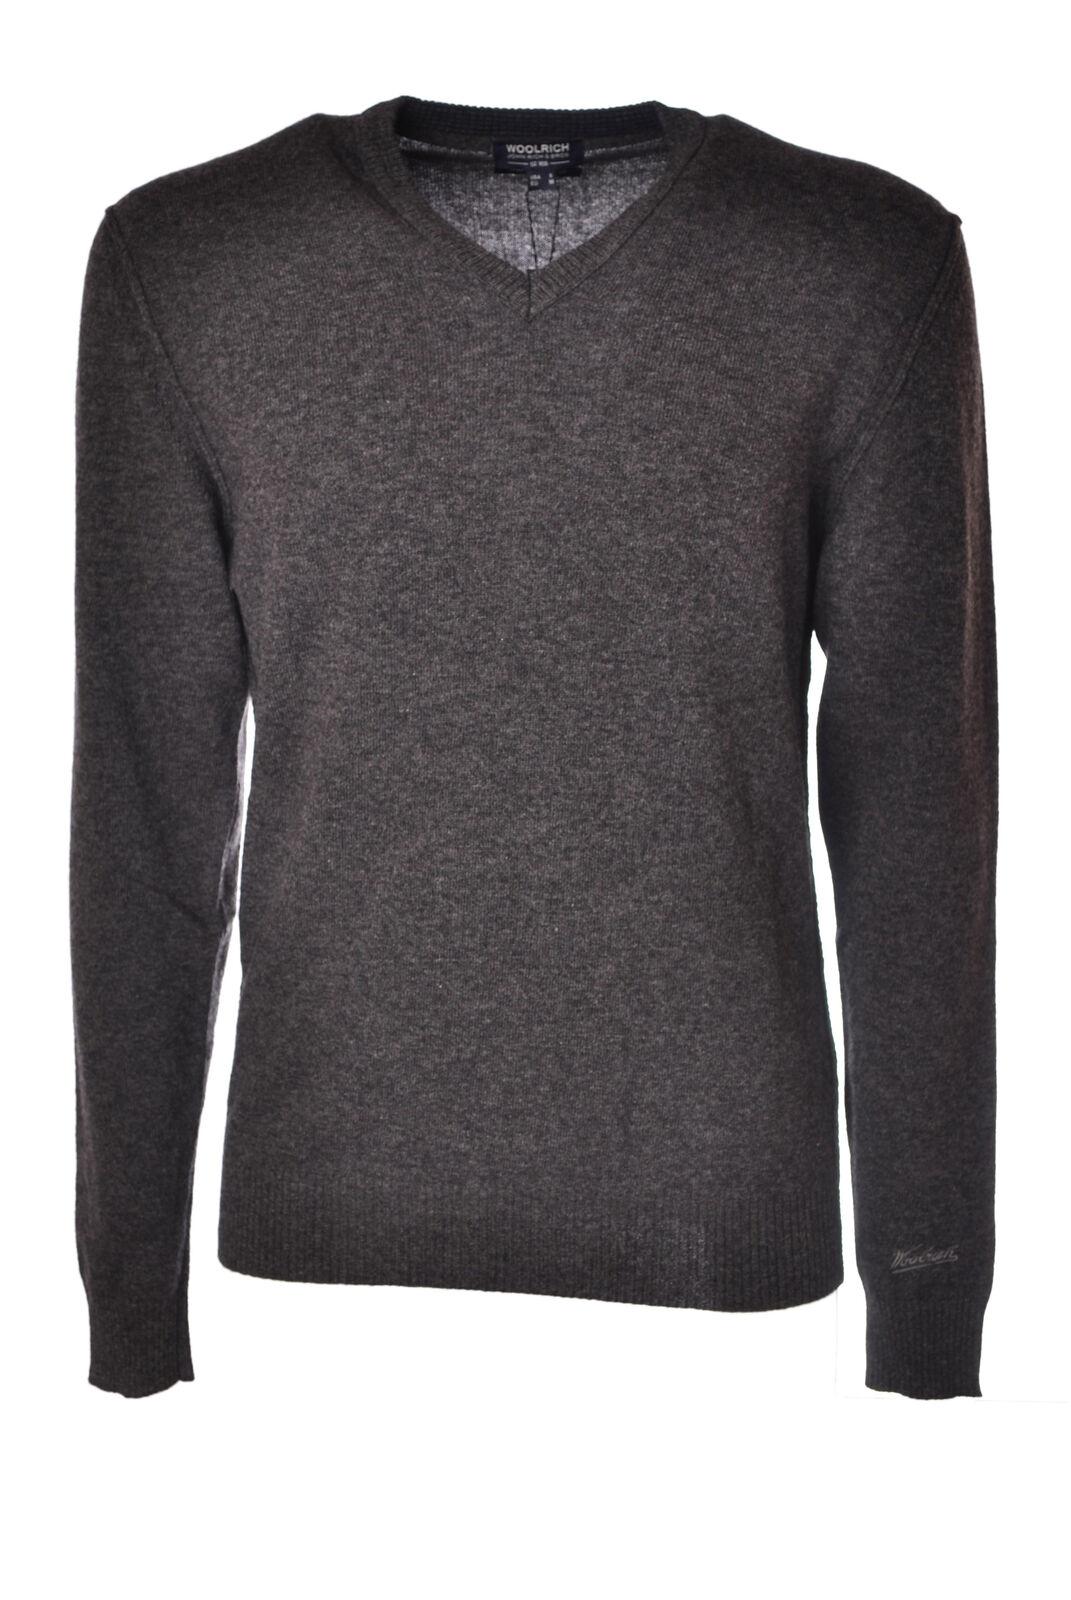 Woolrich - Knitwear-Sweaters - Man - Grau - 4216817C185830